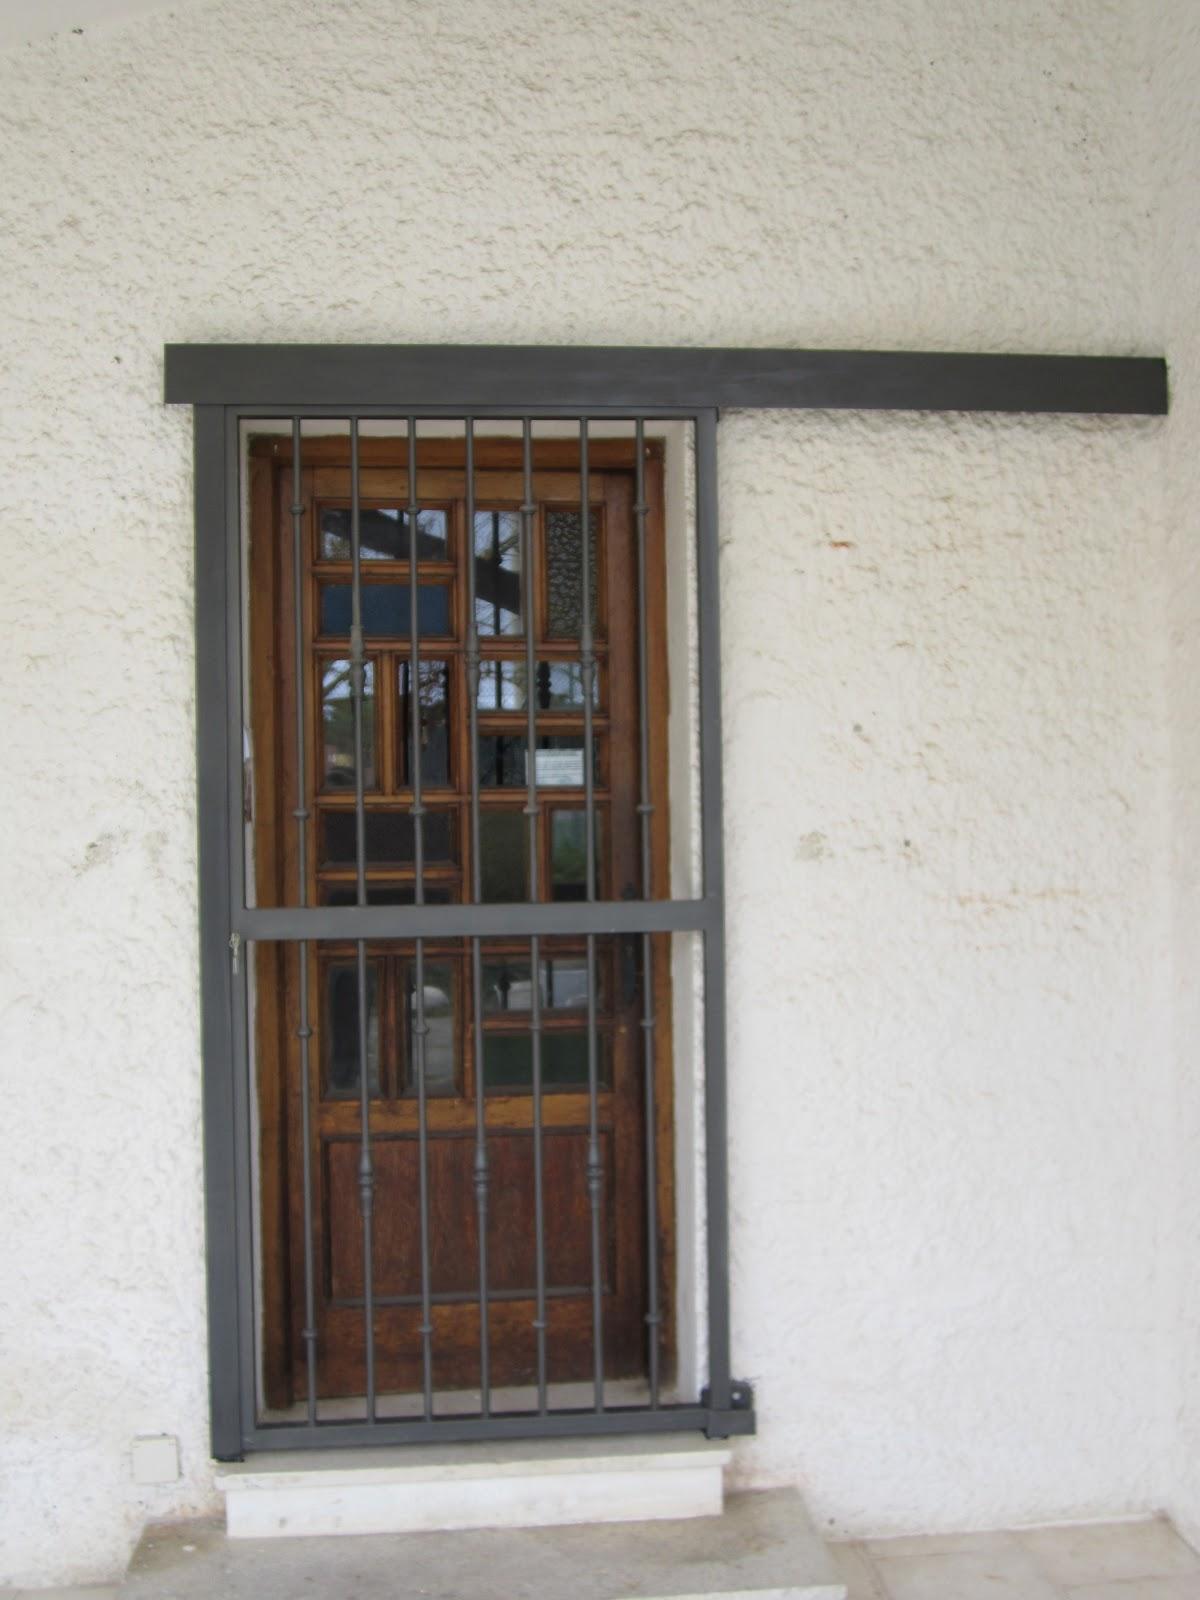 Norbel carpinteria met lica y acero inoxidable puerta - Puertas vivienda ...